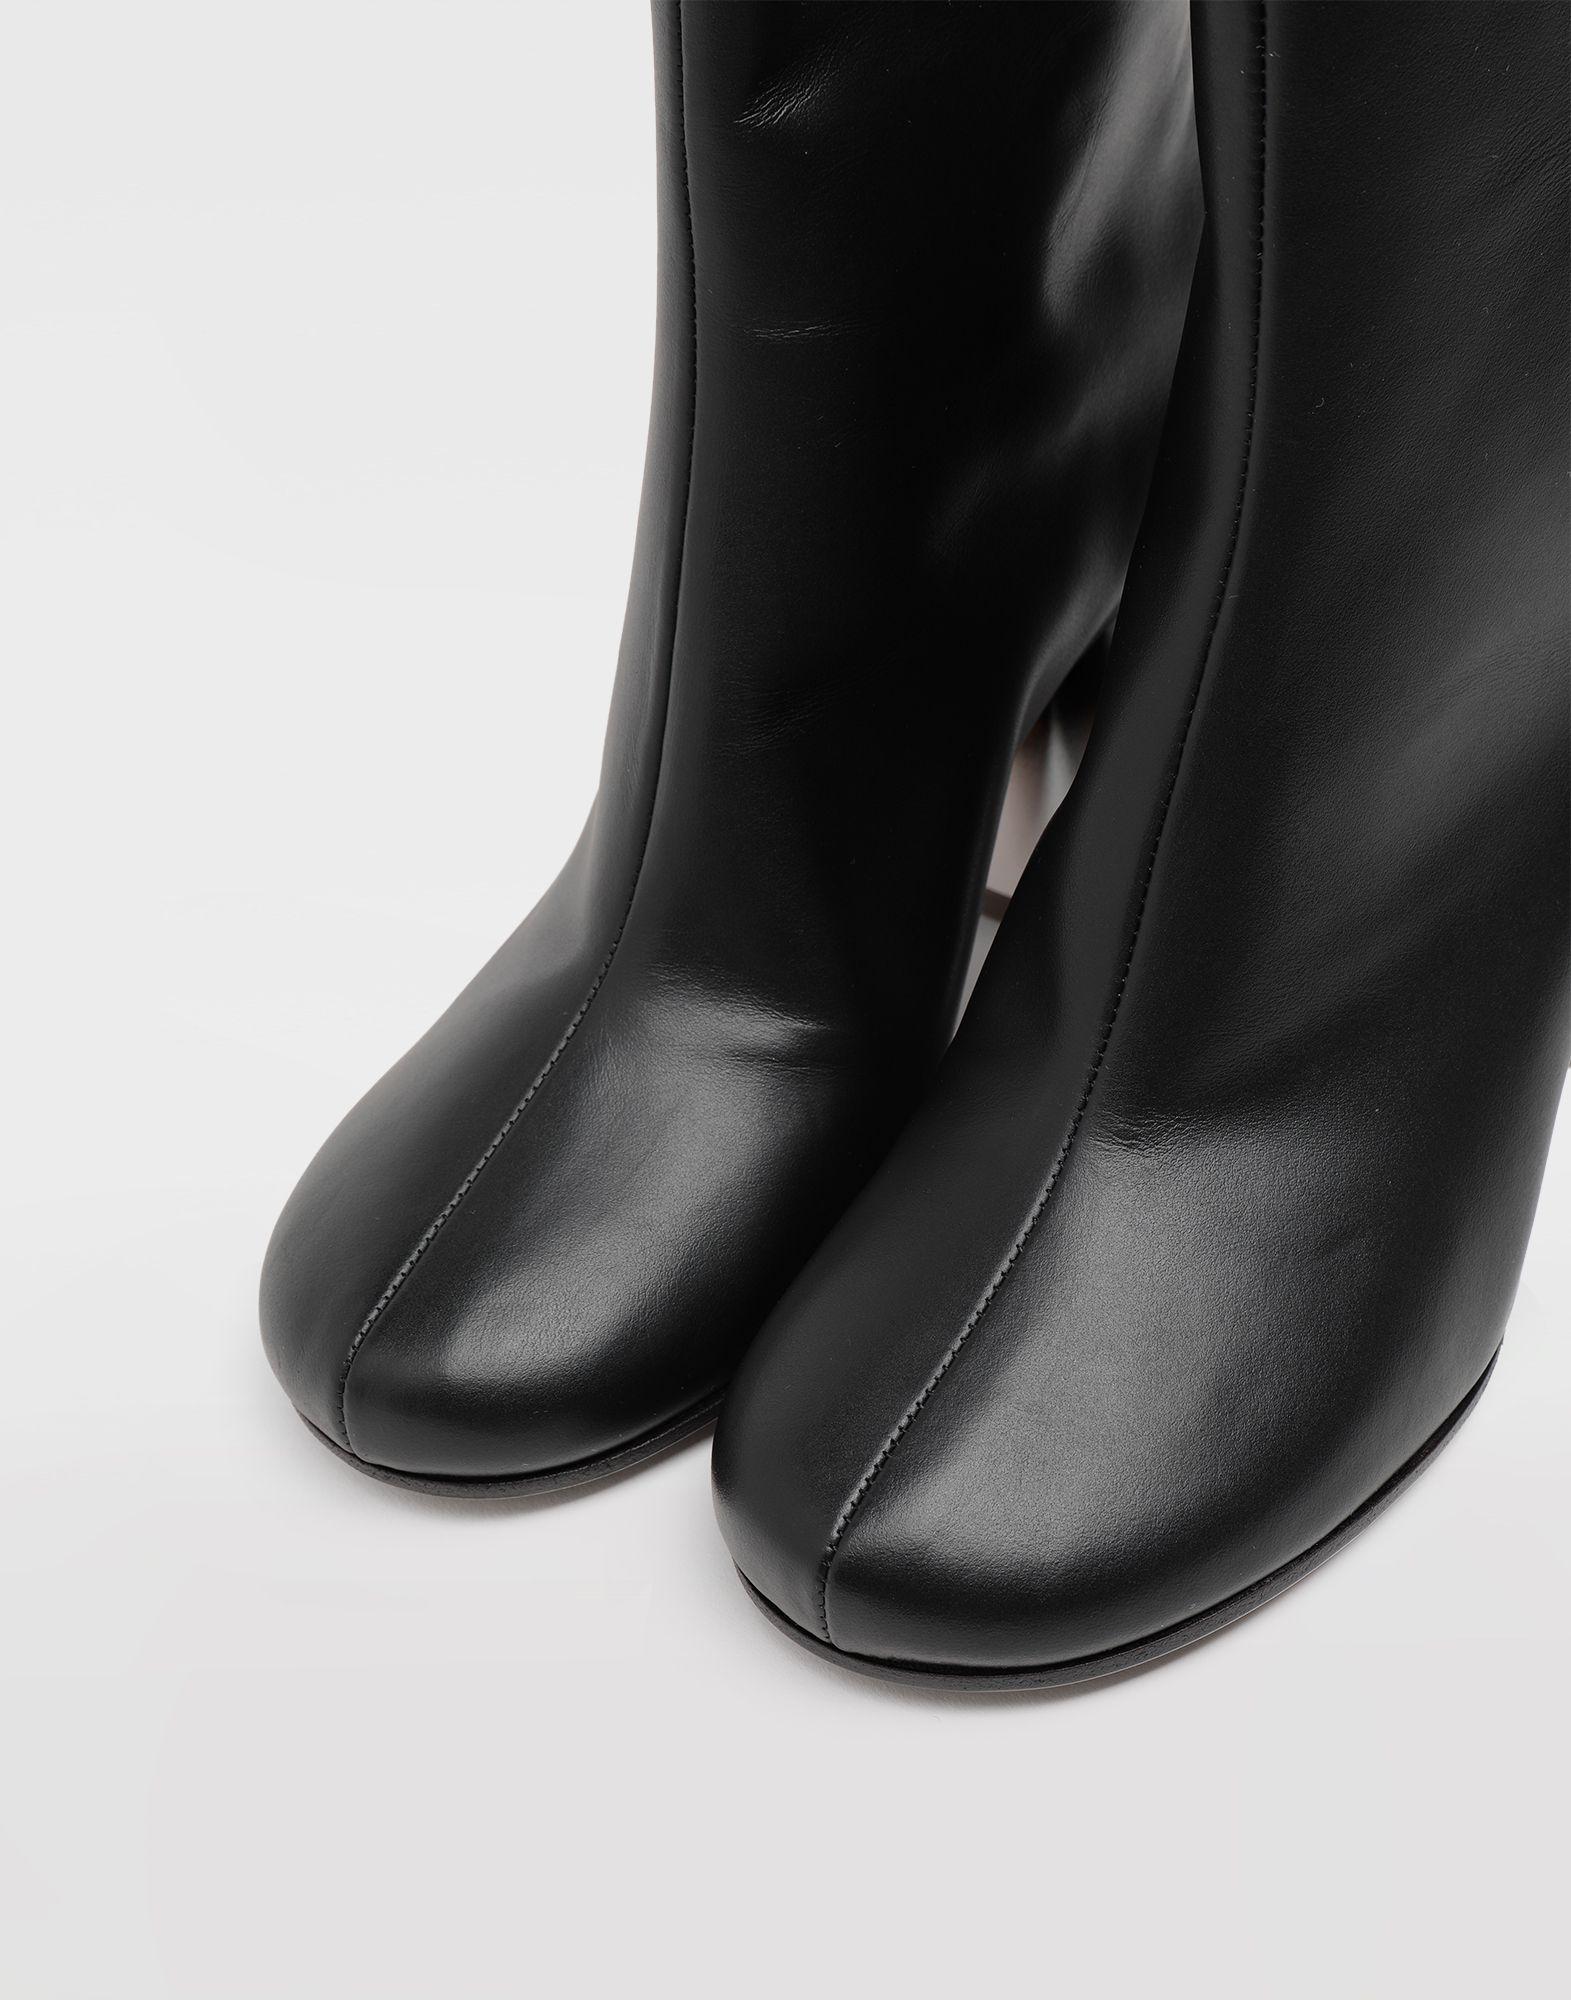 MAISON MARGIELA Trompe-l'œil calfskin boots Ankle boots Woman b